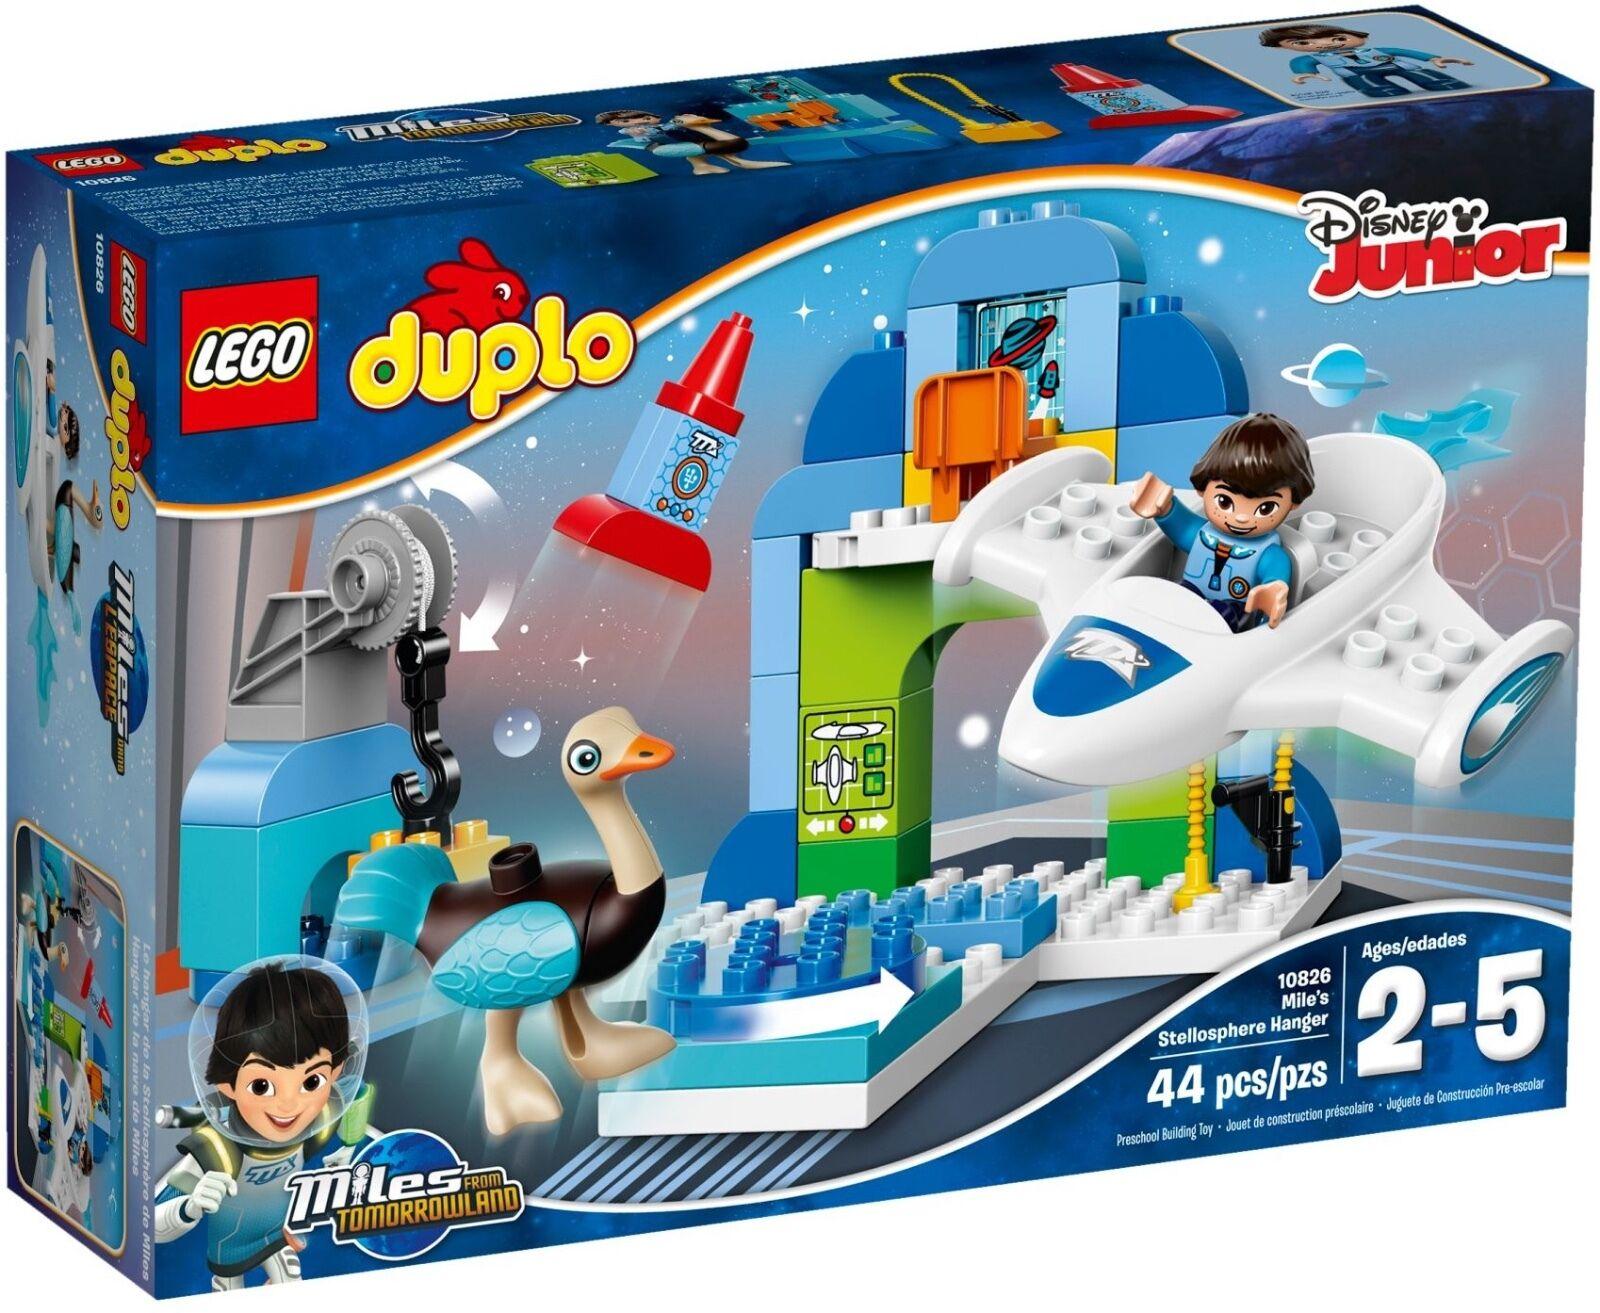 LEGO  ® DUPLO ® 10826 Mi stellosphere-Vaisseau Spatial Nouveau neuf dans sa boîte nouveau En parfait état, dans sa boîte scellée Boîte d'origine jamais ouverte  sortie en ligne